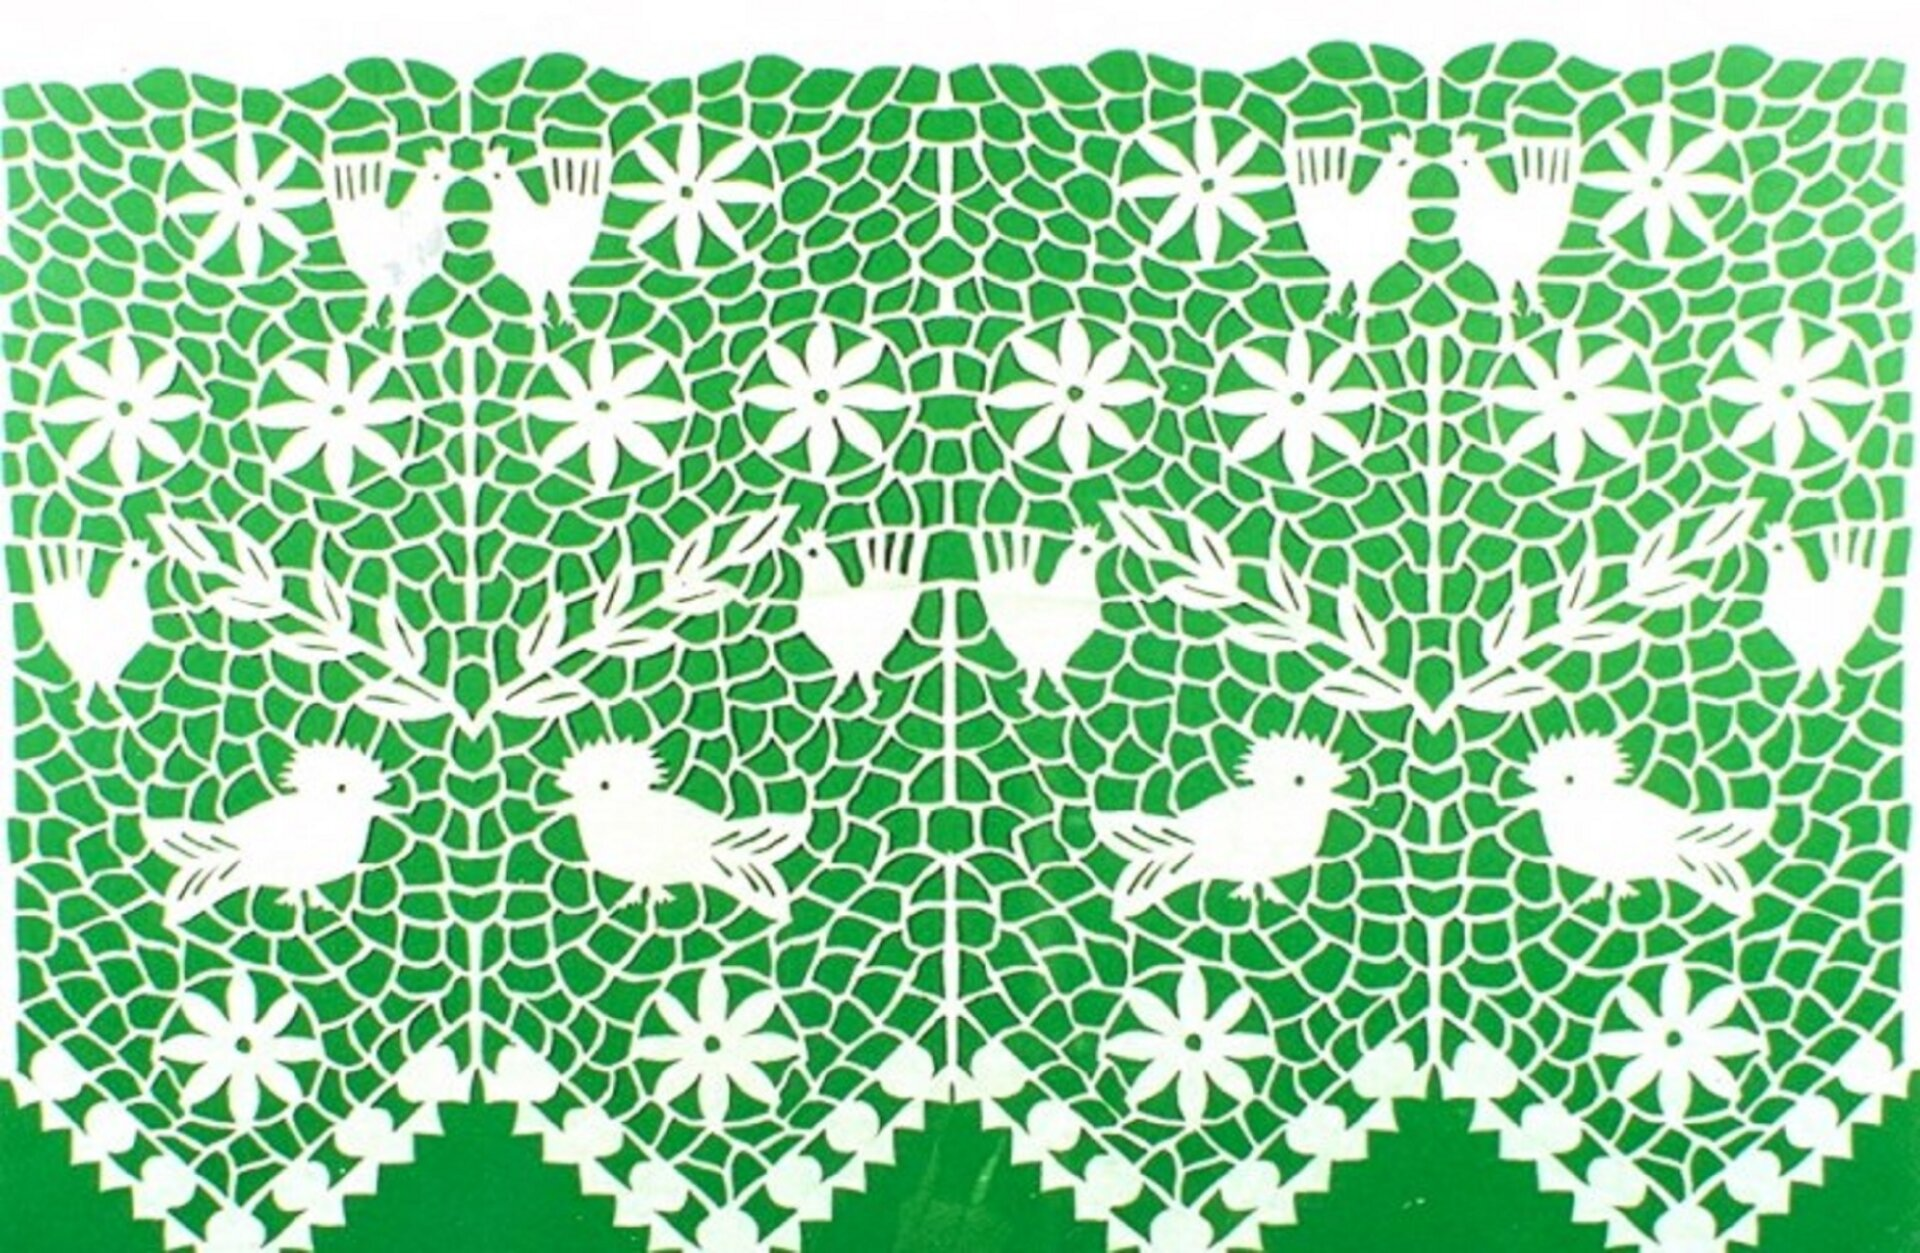 Ilustracja przedstawia firankę kurpiowską na zielonym tle. Wzór na firance składa się zmotywów roślinnych iptaków. Od dołu są to: ptak dudek zgrzebieniem, kura igałązka zliśćmi, dwa kwiaty ikura zkwiatem. Ułożone jeden nad drugim symetrycznie odbijają się ipowtarzają dwukrotnie. Tłem jest siatka znitki.